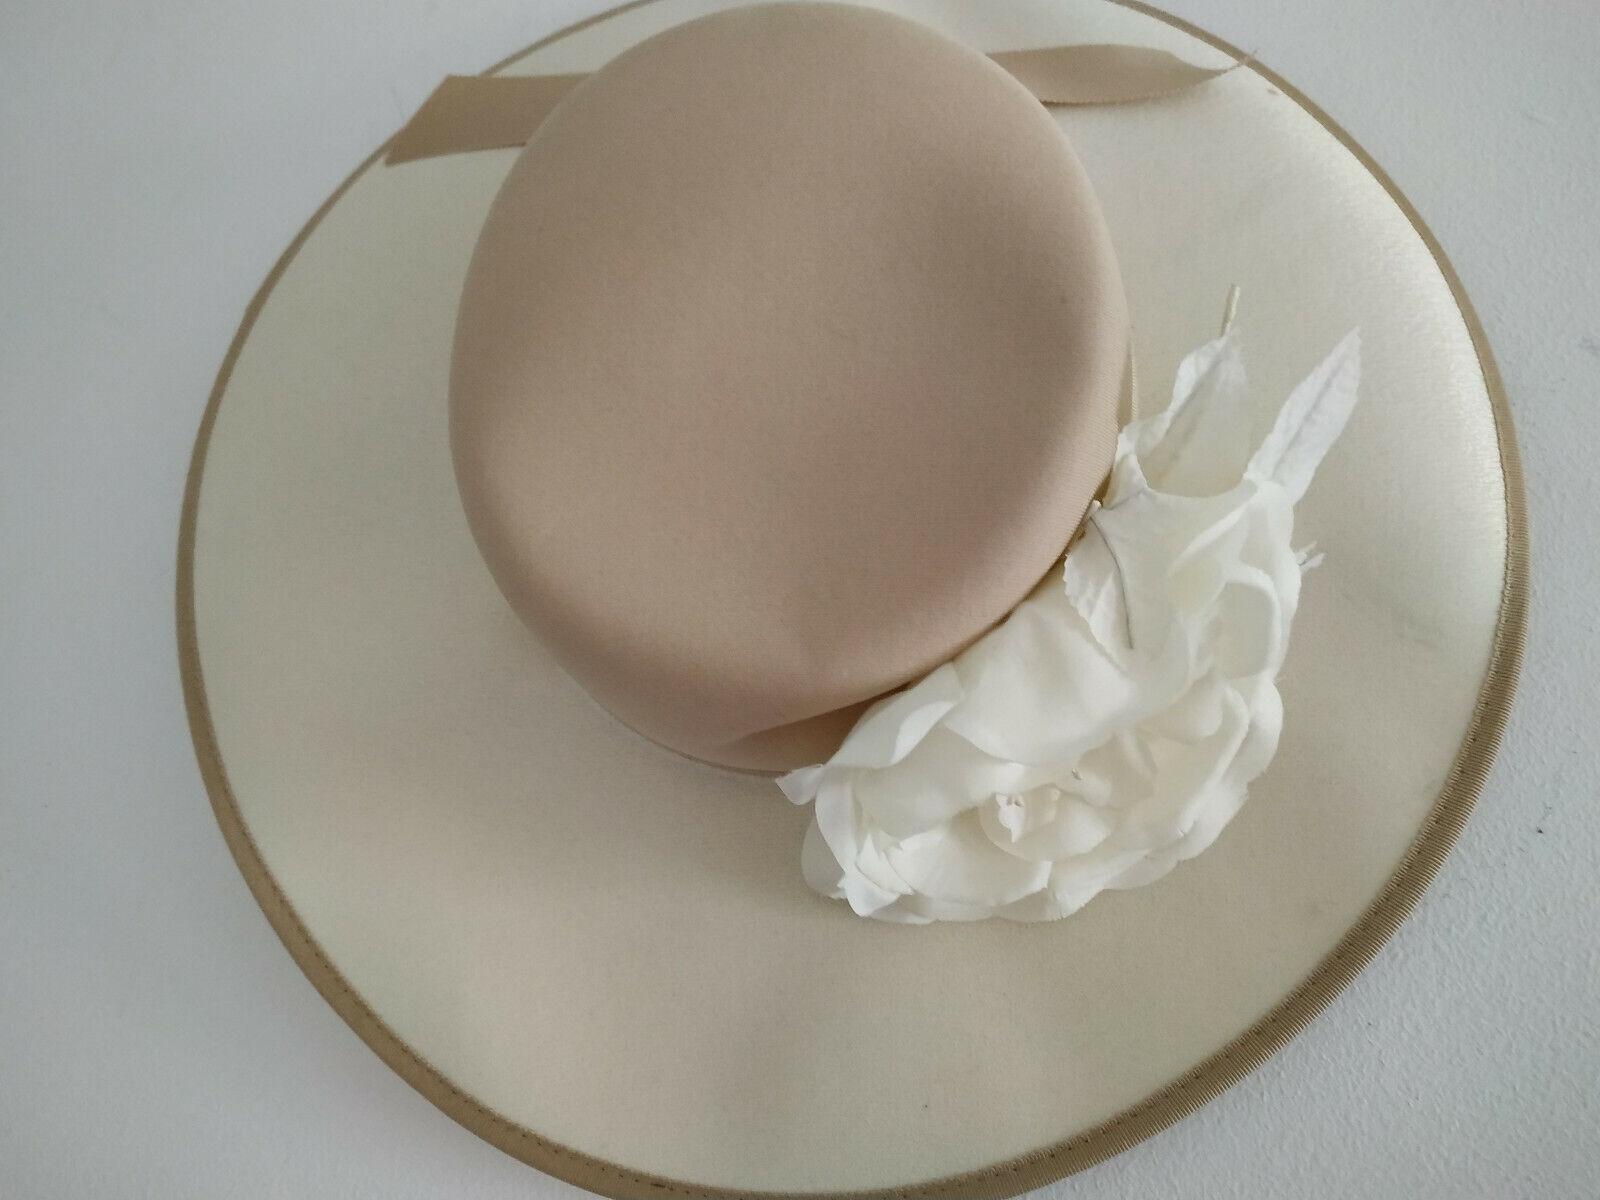 13516)Retro wedding hat w flower on band - Headways by Albert cream/brown